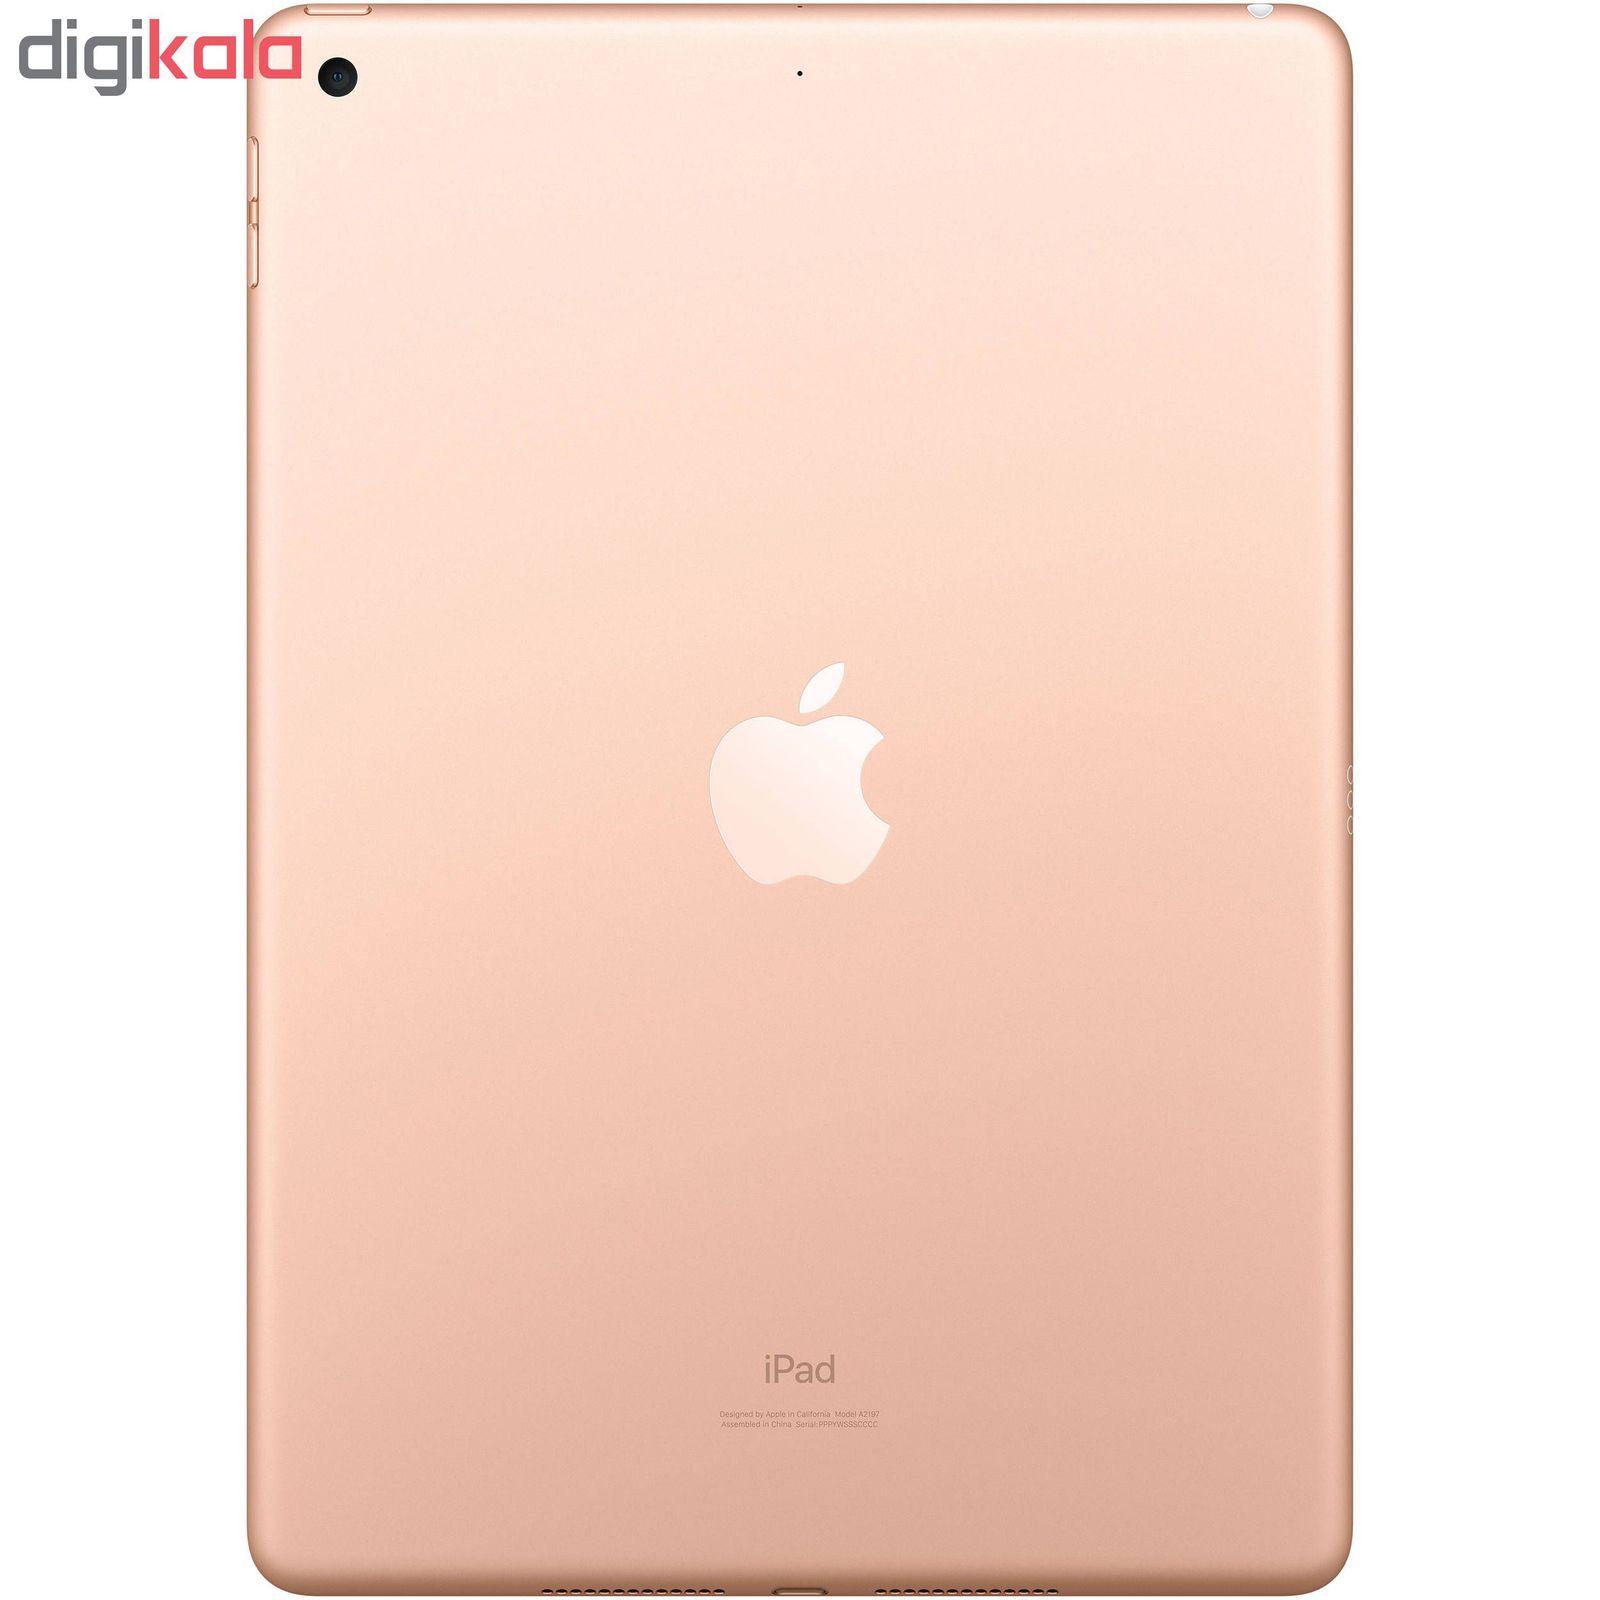 تبلت اپل مدل iPad 10.2 inch 2019 WiFi ظرفیت 32 گیگابایت main 1 5